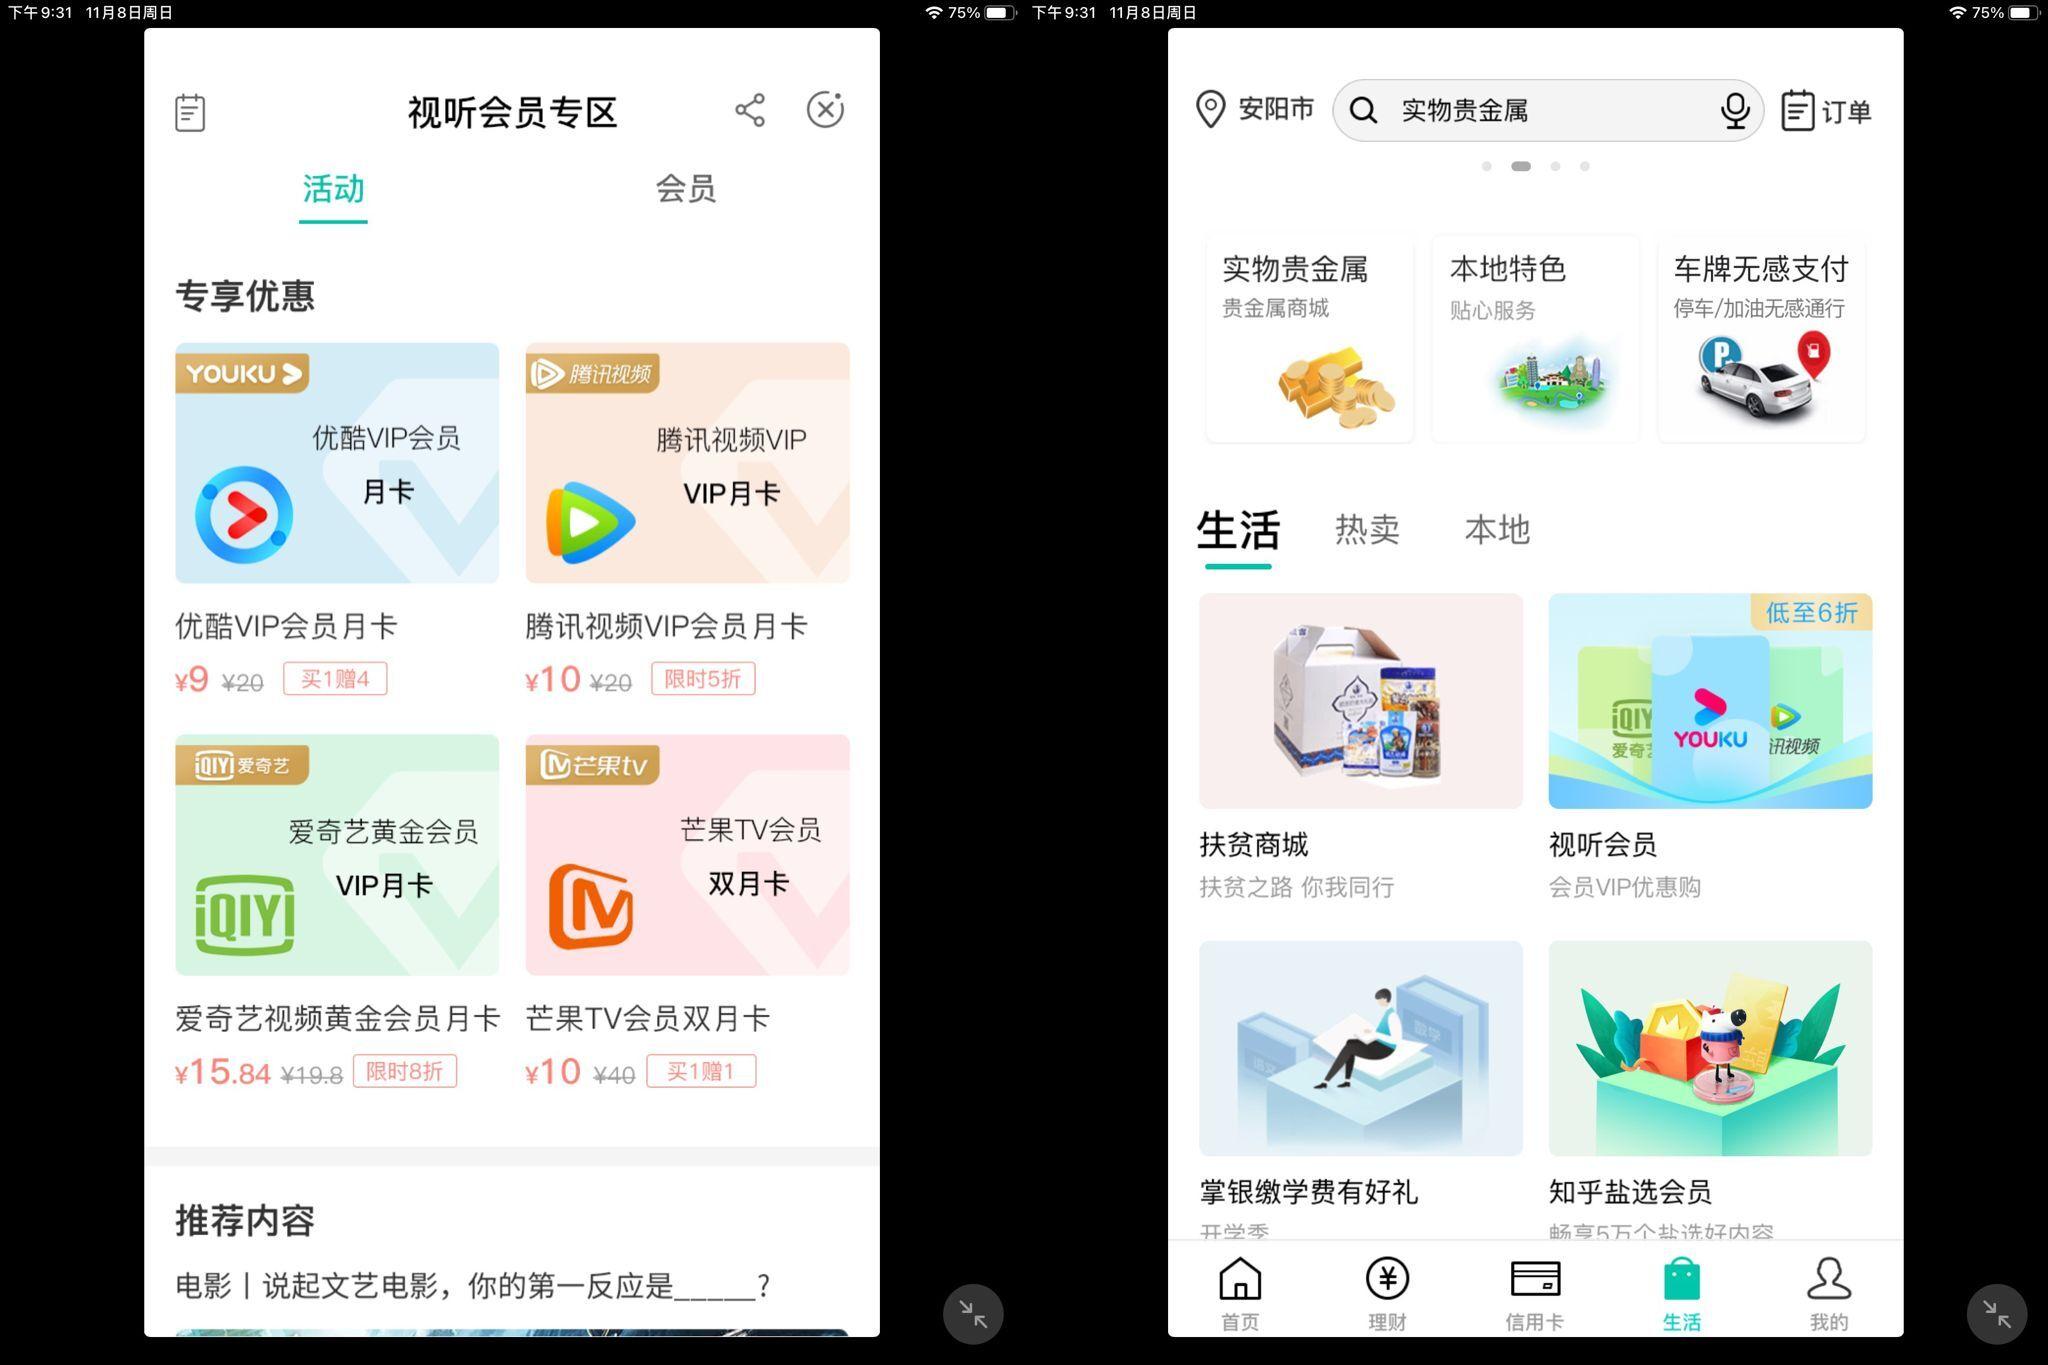 中国农业银行10元开通腾讯视频优酷视频会员一个月。